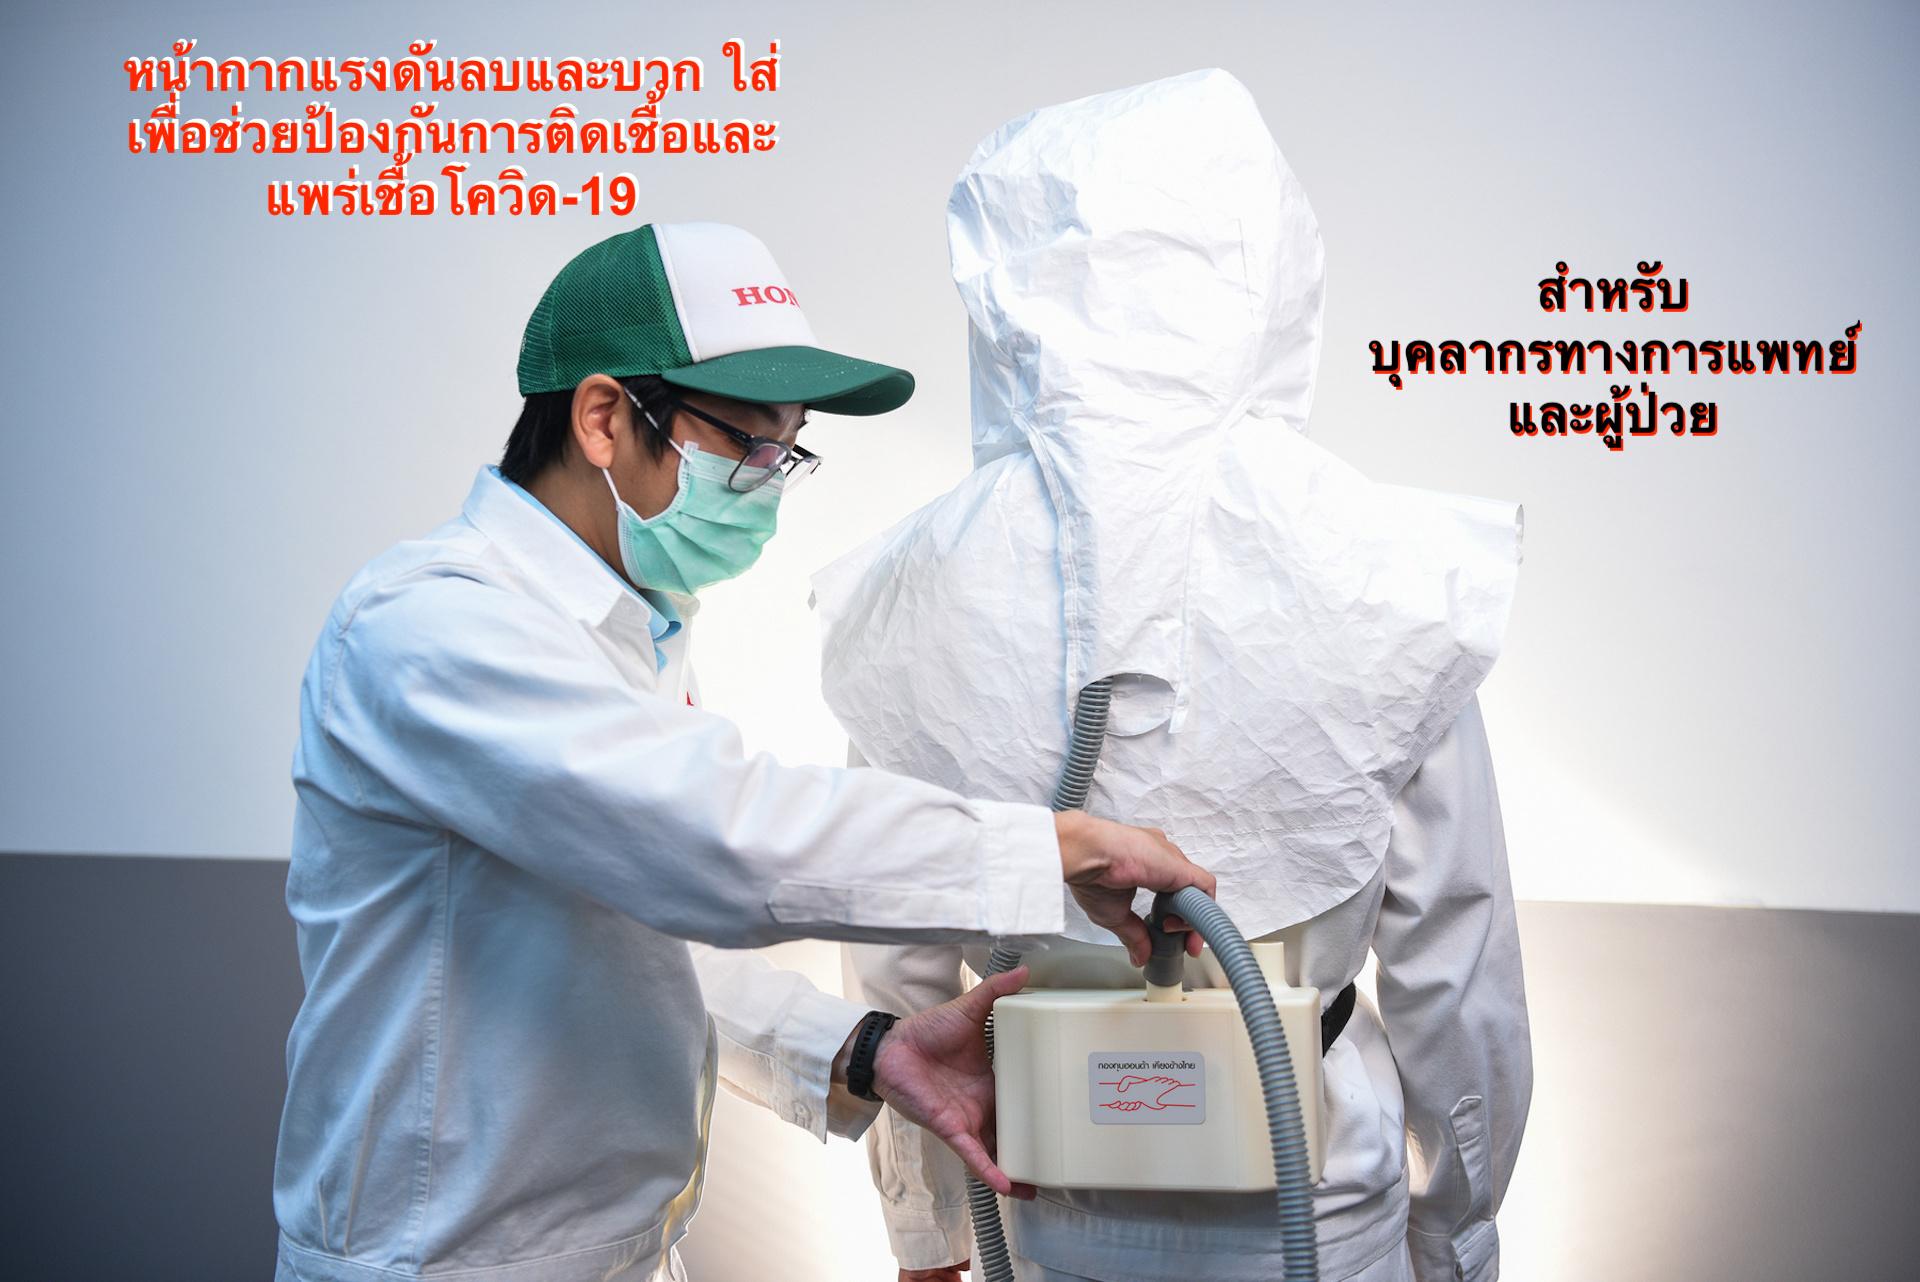 กองทุนฮอนด้าเคียงข้างไทย ร่วมต้านภัยโควิด-19 ผลิตและบริจาคนวัตกรรมหน้ากากแรงดันลบและบวก 1,000 ชิ้น พร้อมบริจาคเครื่องพ่นยาฆ่าเชื้อ 100 ตัว รวมมูลค่า 40 ล้านบาท เพื่อประโยชน์ในการป้องกันบุคลากรทางการแพทย์และให้การรักษาแก่ผู้ป่วย